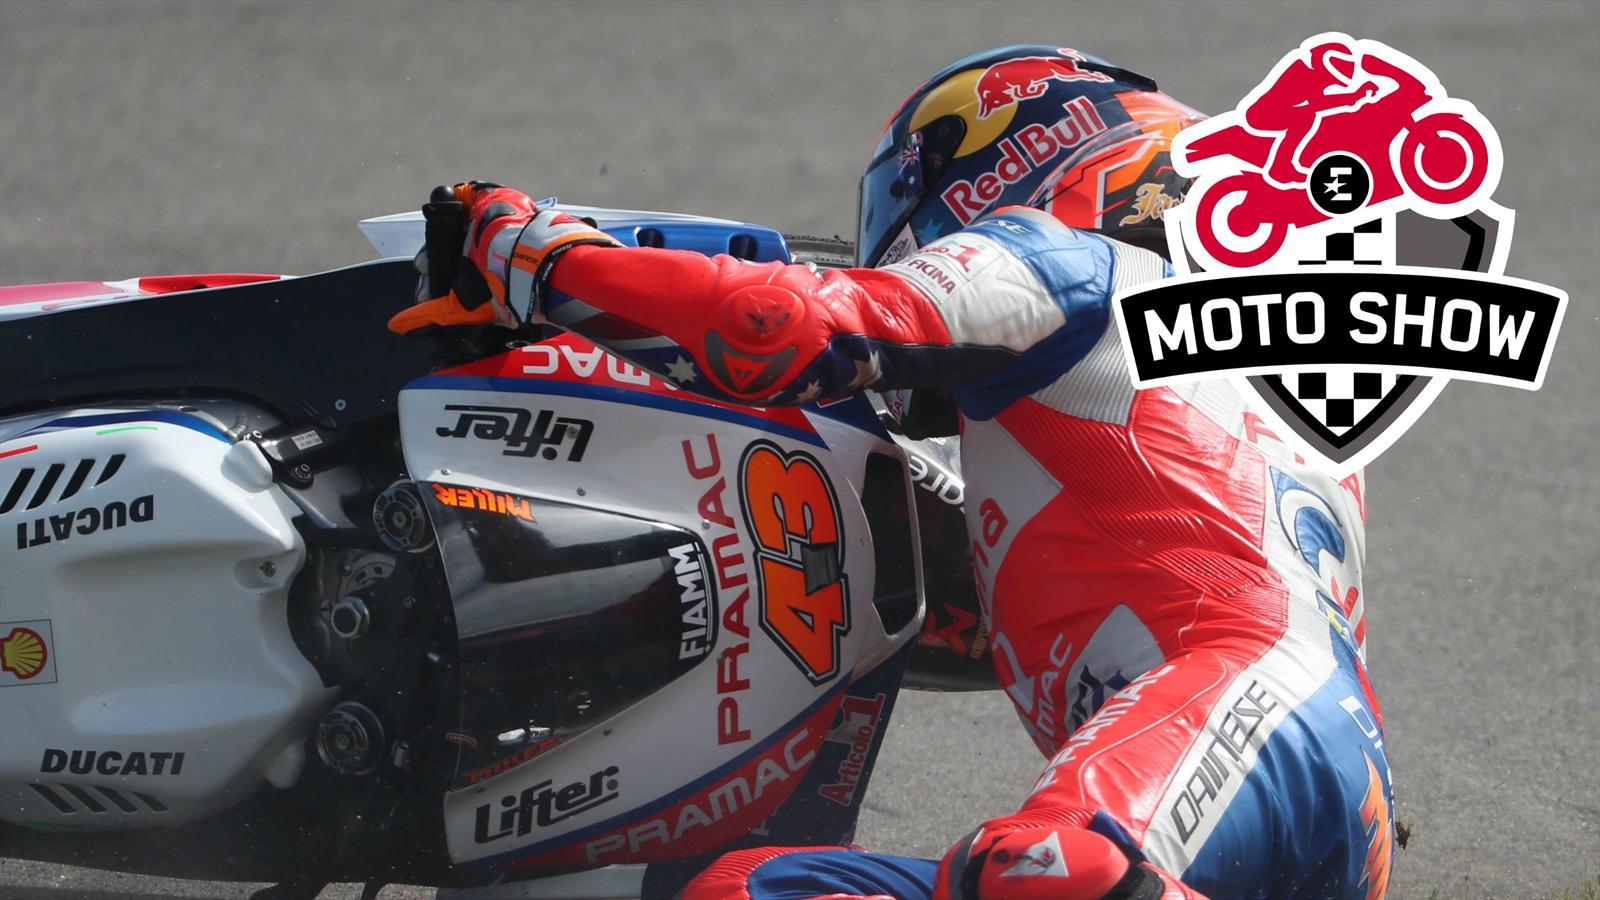 """VIDÉO - MOTOGP - """"Le crash de Zarco ? On ne peut pas reprocher à Marquez de ne pas avoir de rétroviseurs"""" - Grand Prix d'Australie - Video Eurosport"""